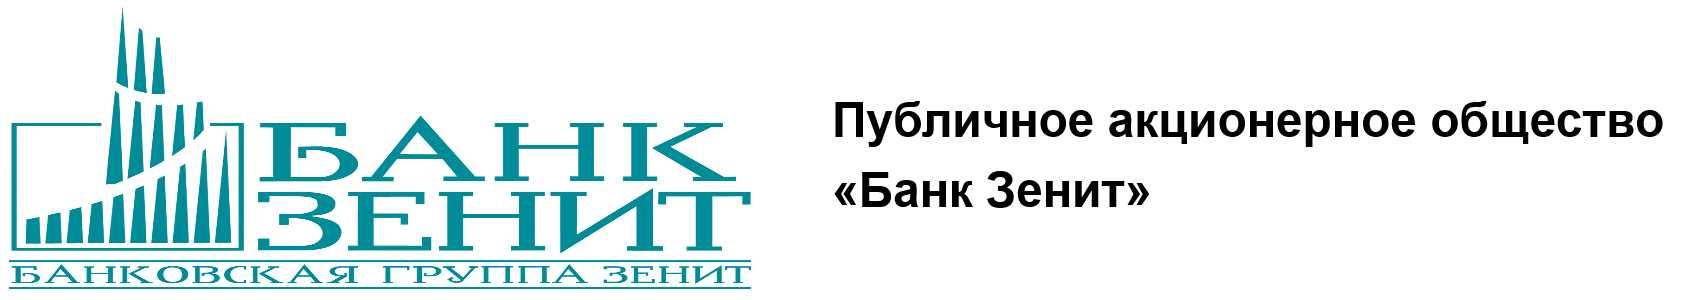 ПАО «Банк Зенит»